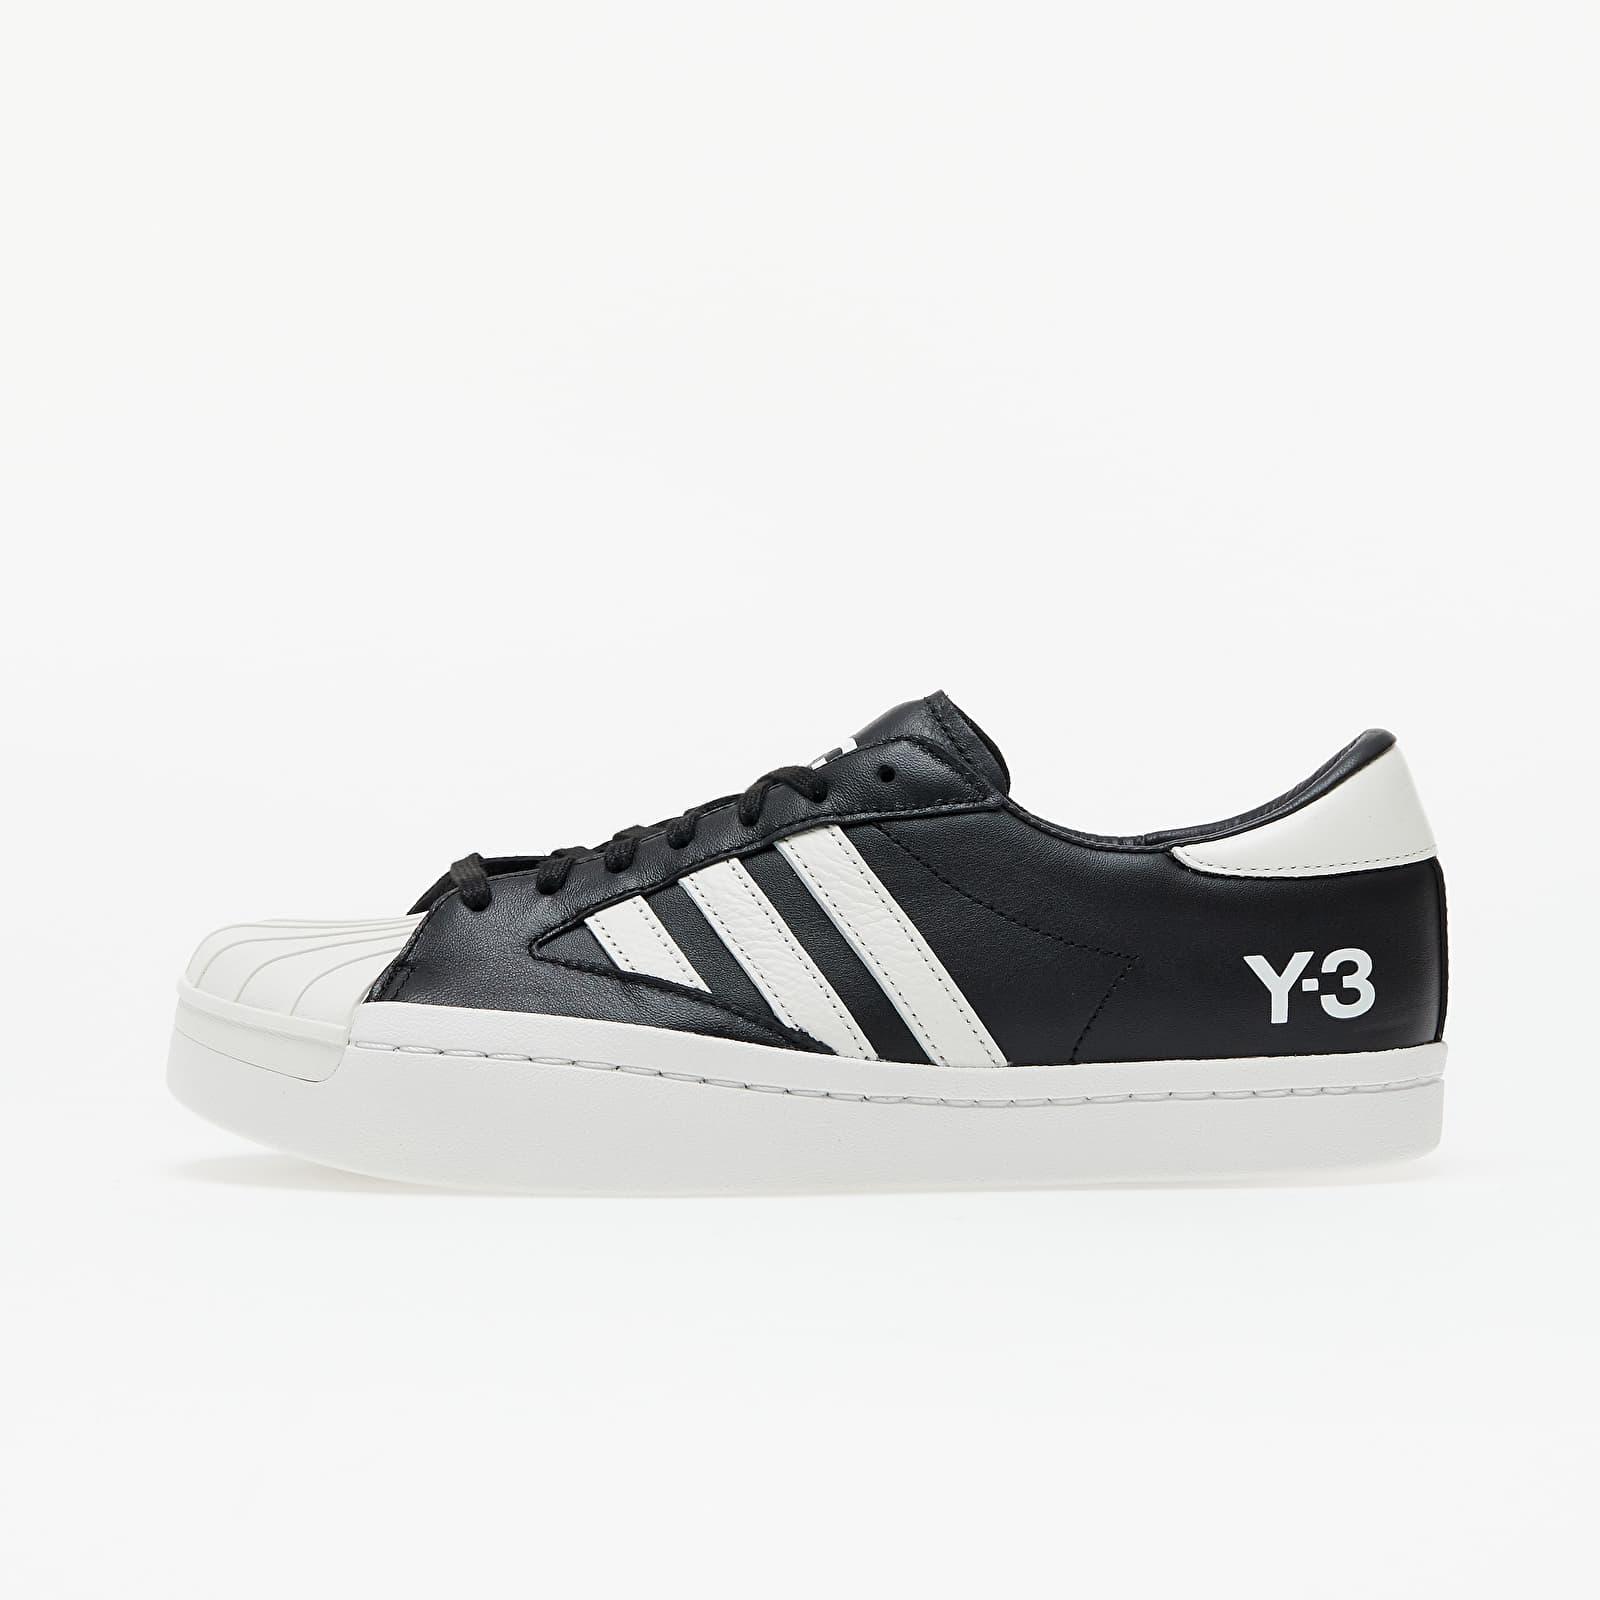 Y-3 Yohji Star Black/ Core White/ Black H02578